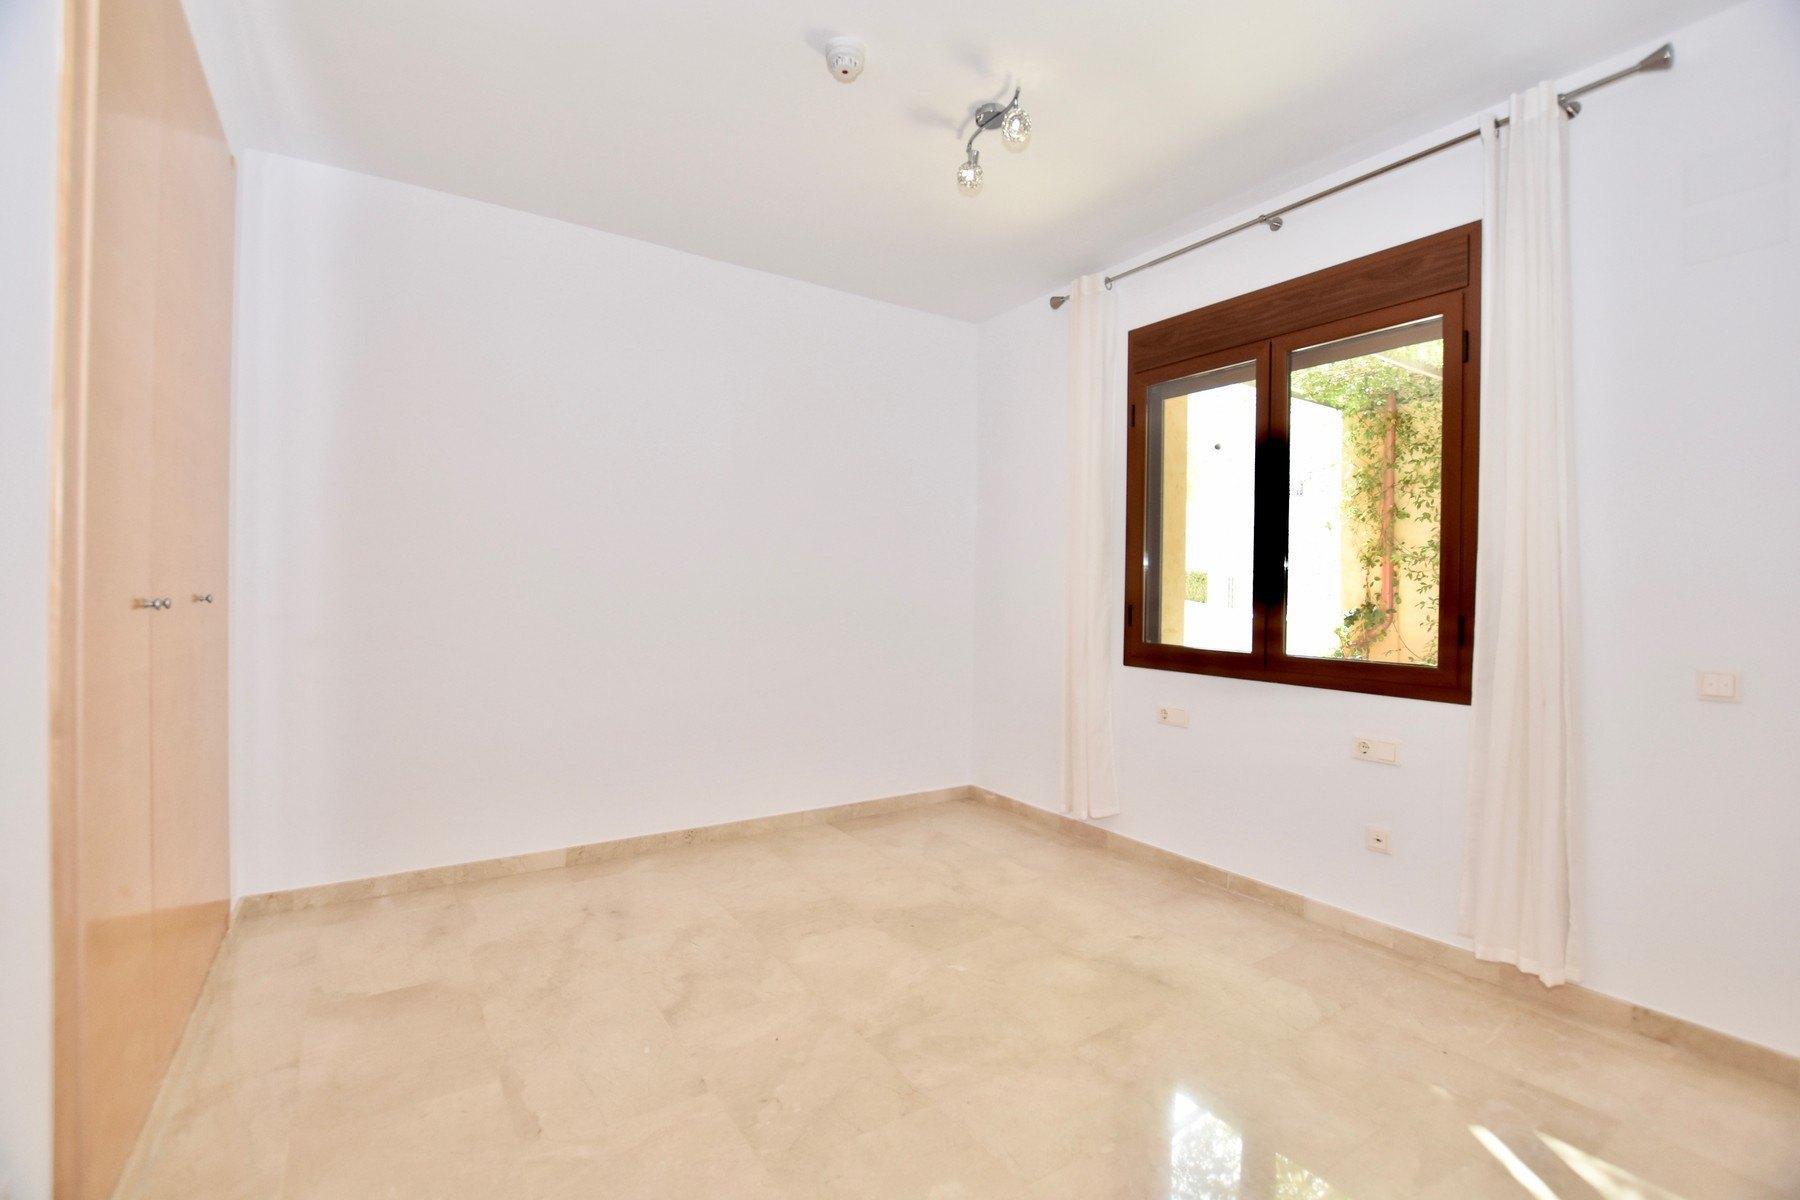 2 bedroom apartment for sale in Moraira in Urbanization Jardines de Montemar - Costa Blanca